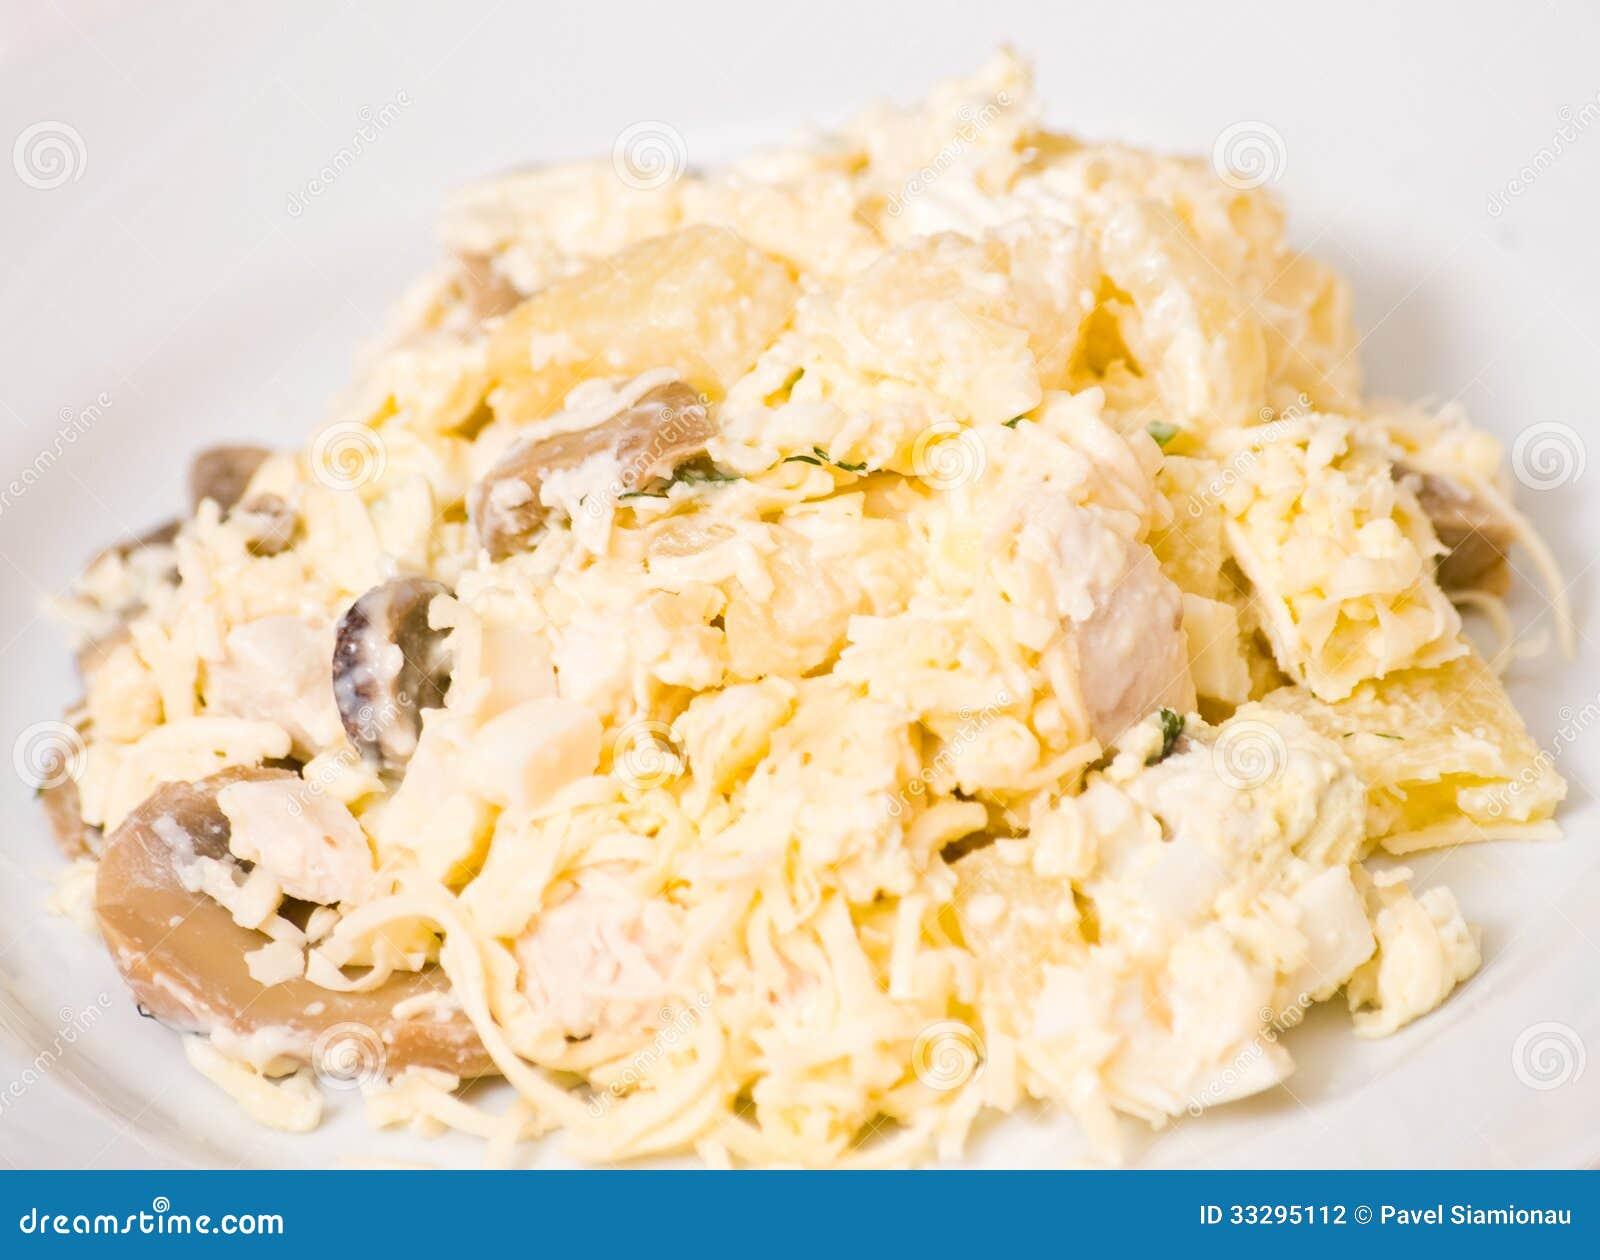 Салат курица грибы ананас сыр яйца